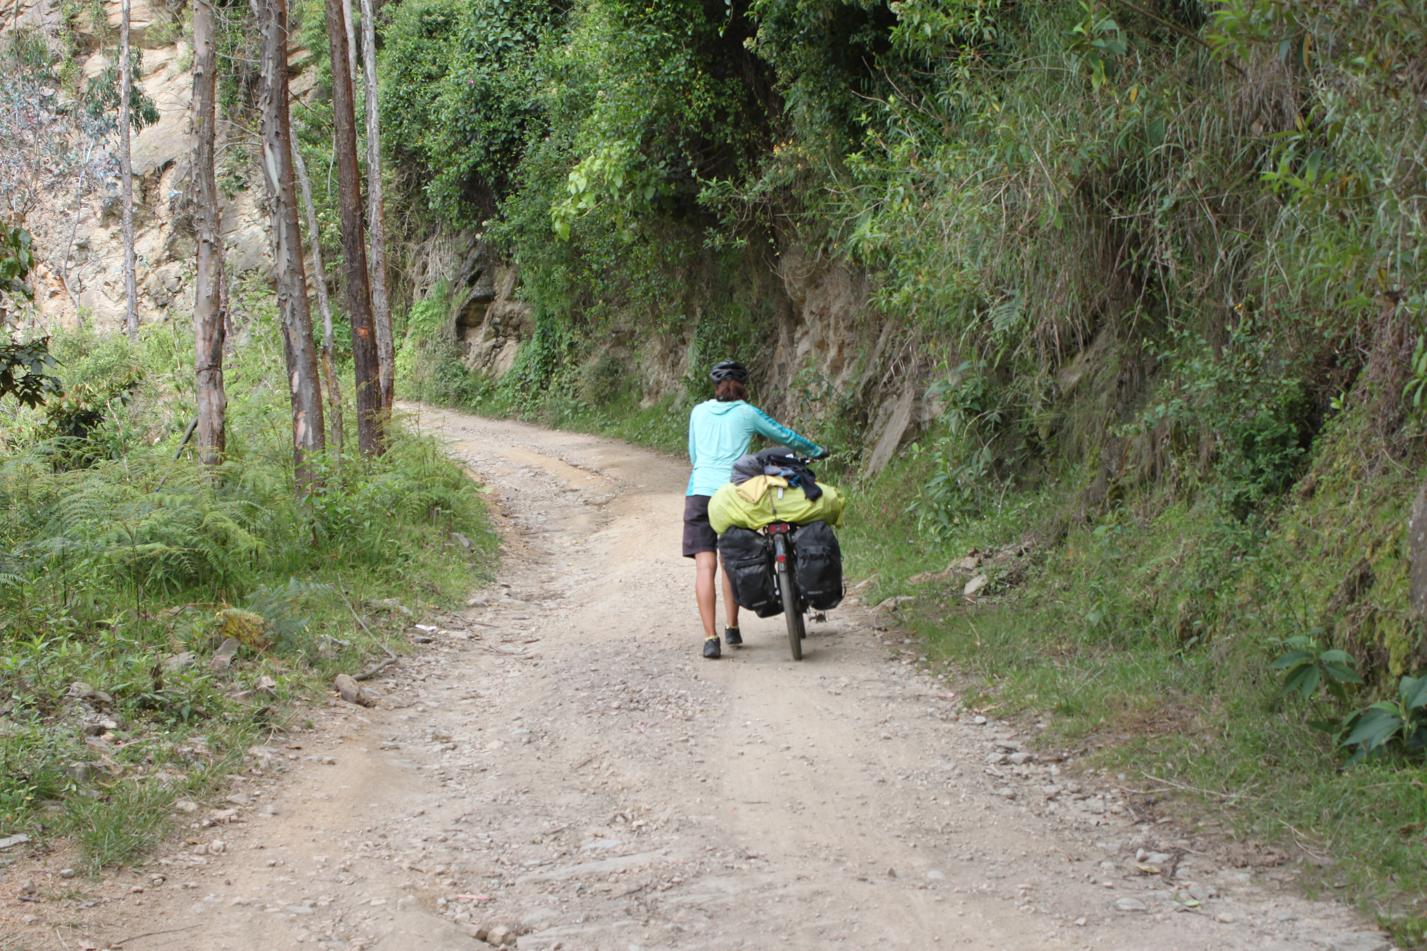 Zum Auftakt des Tages konnten wir unsere Räder steile sandige Wege hochschieben.